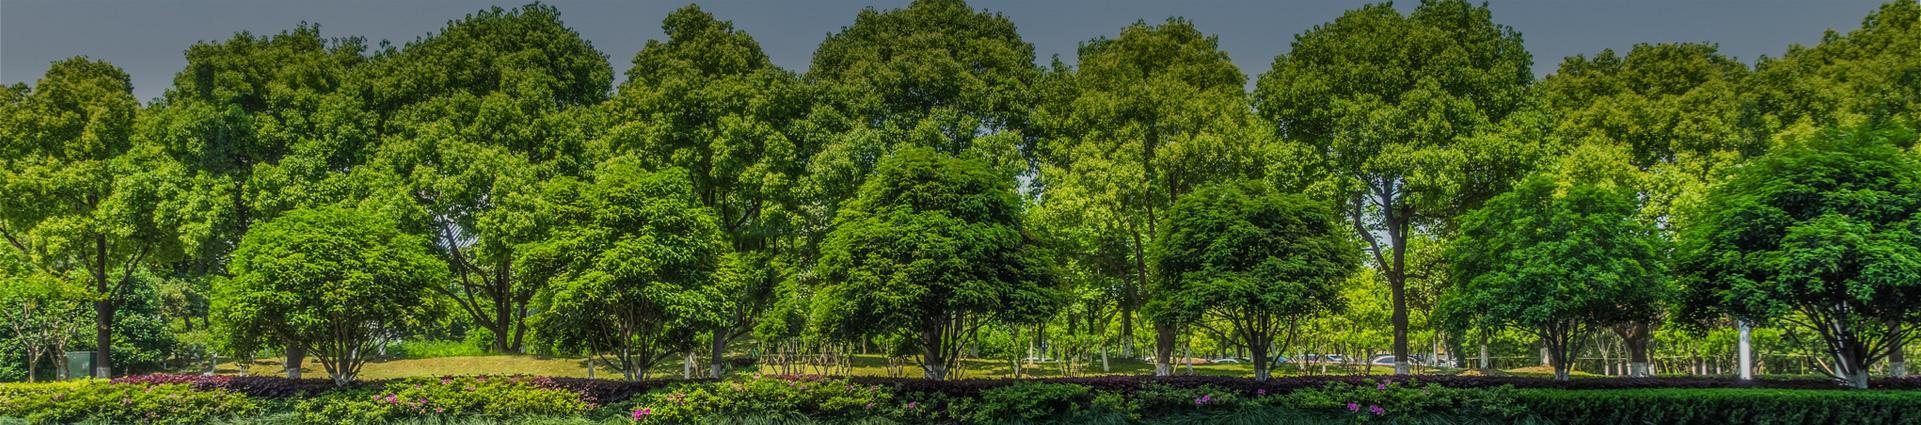 Drzewa w parku - Banner